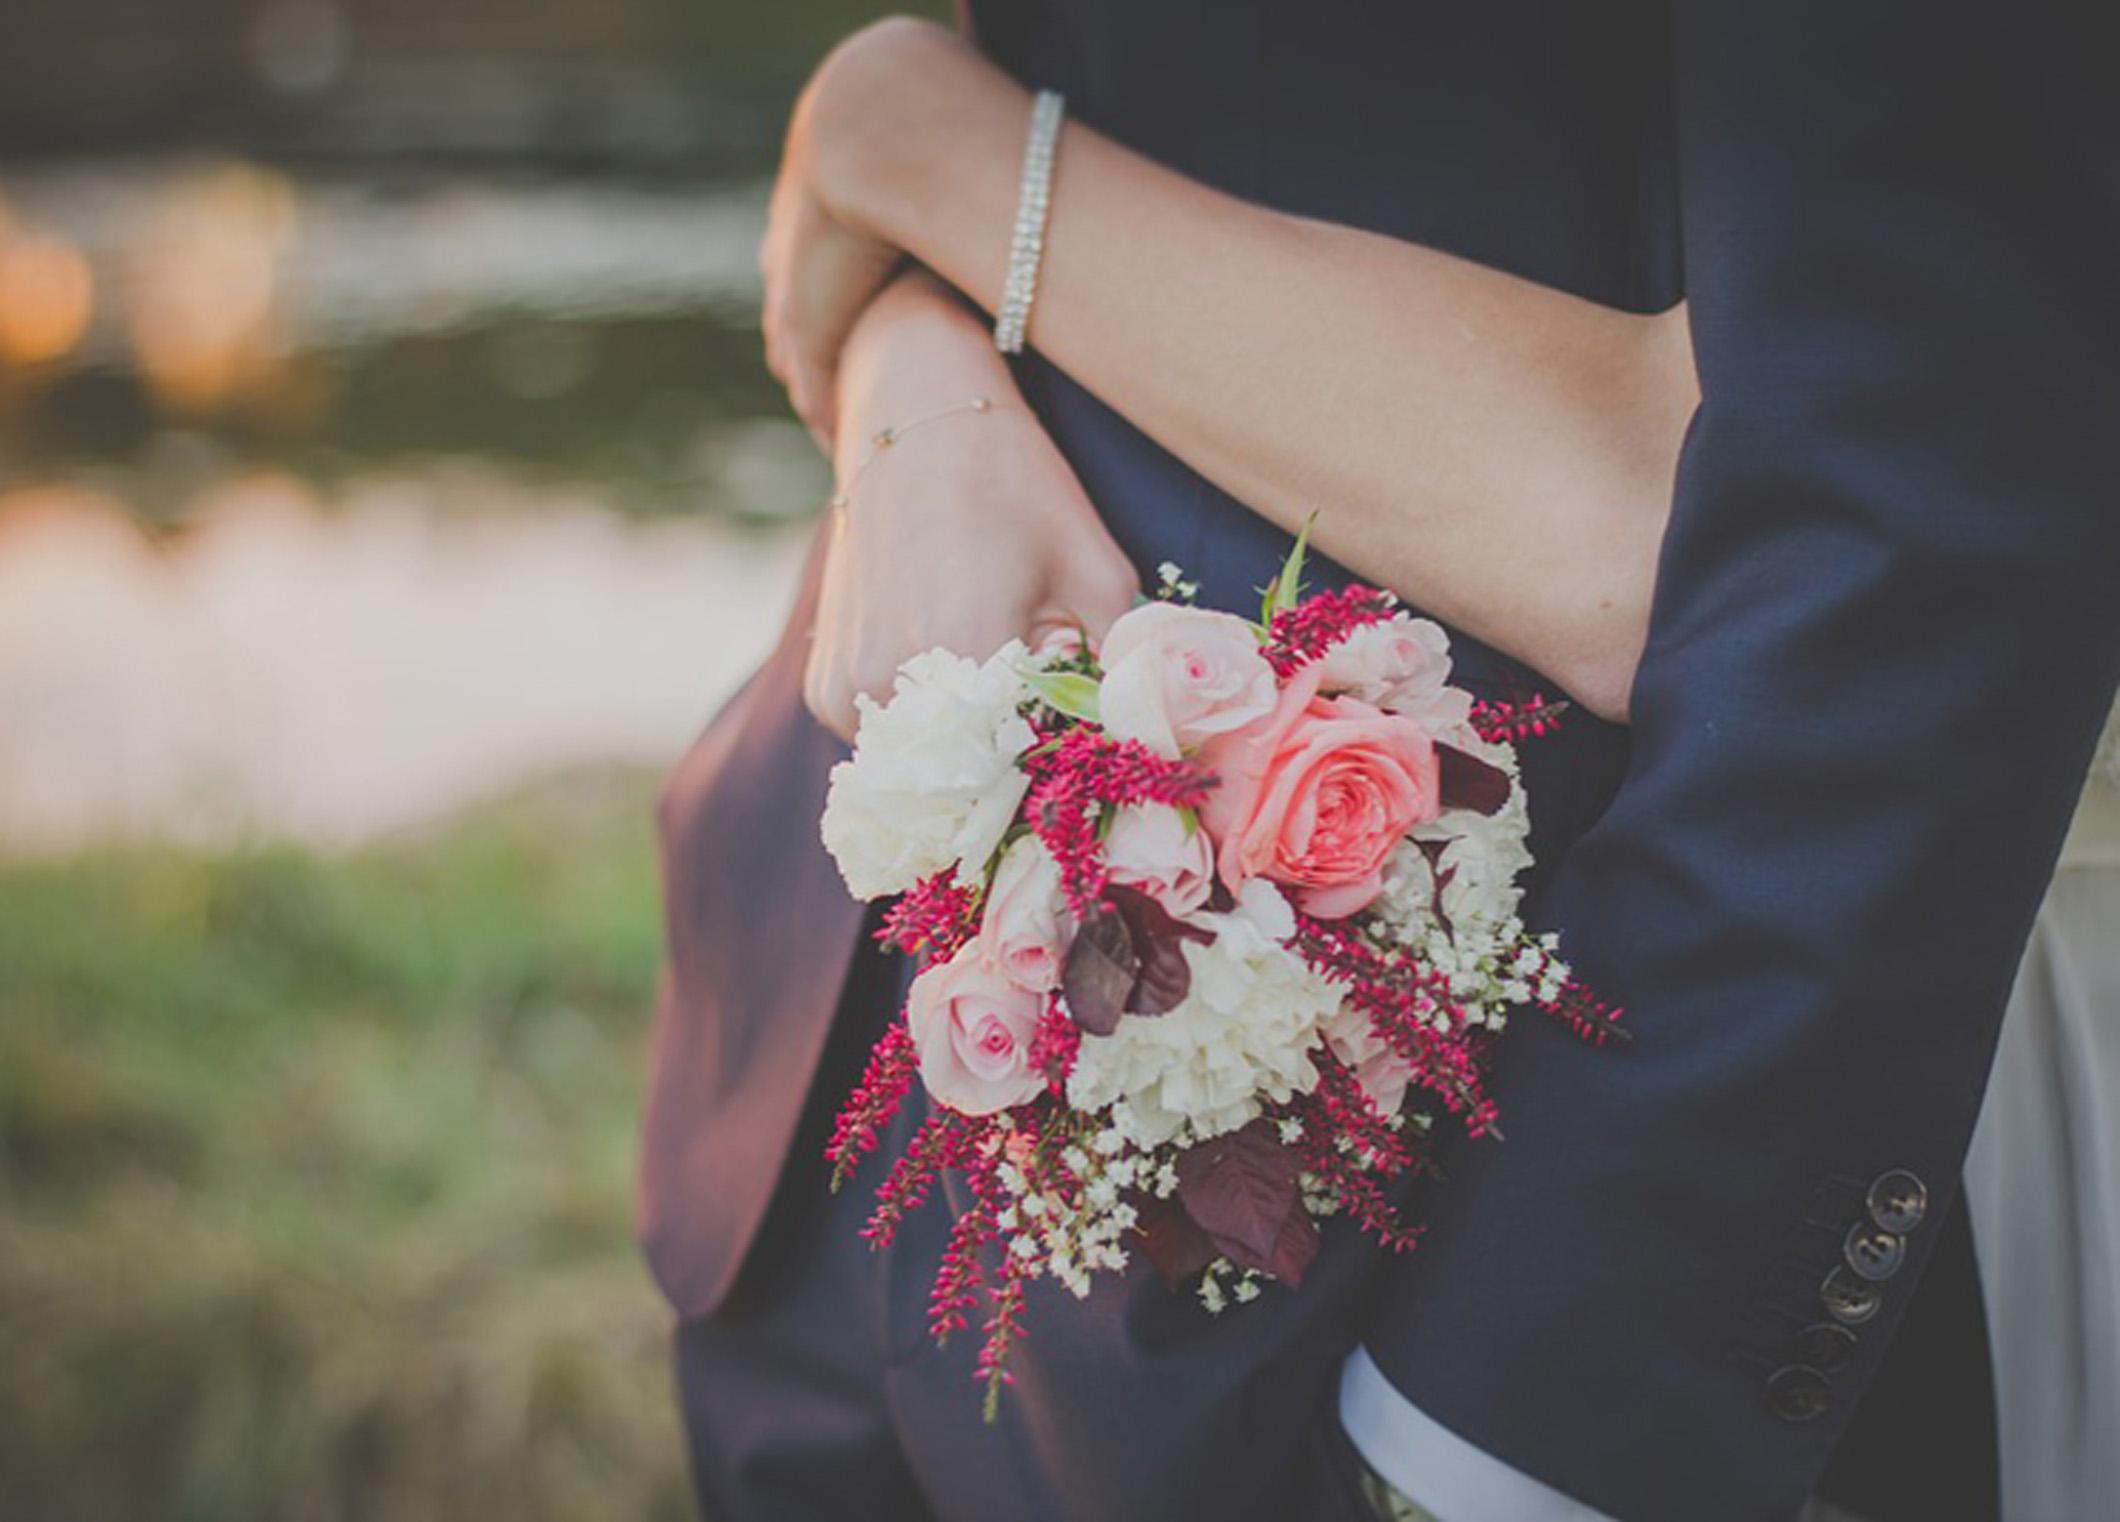 【静岡市】今年こそプロポーズ!どんなプロポーズしたらいい?婚約指輪はいつ用意する??